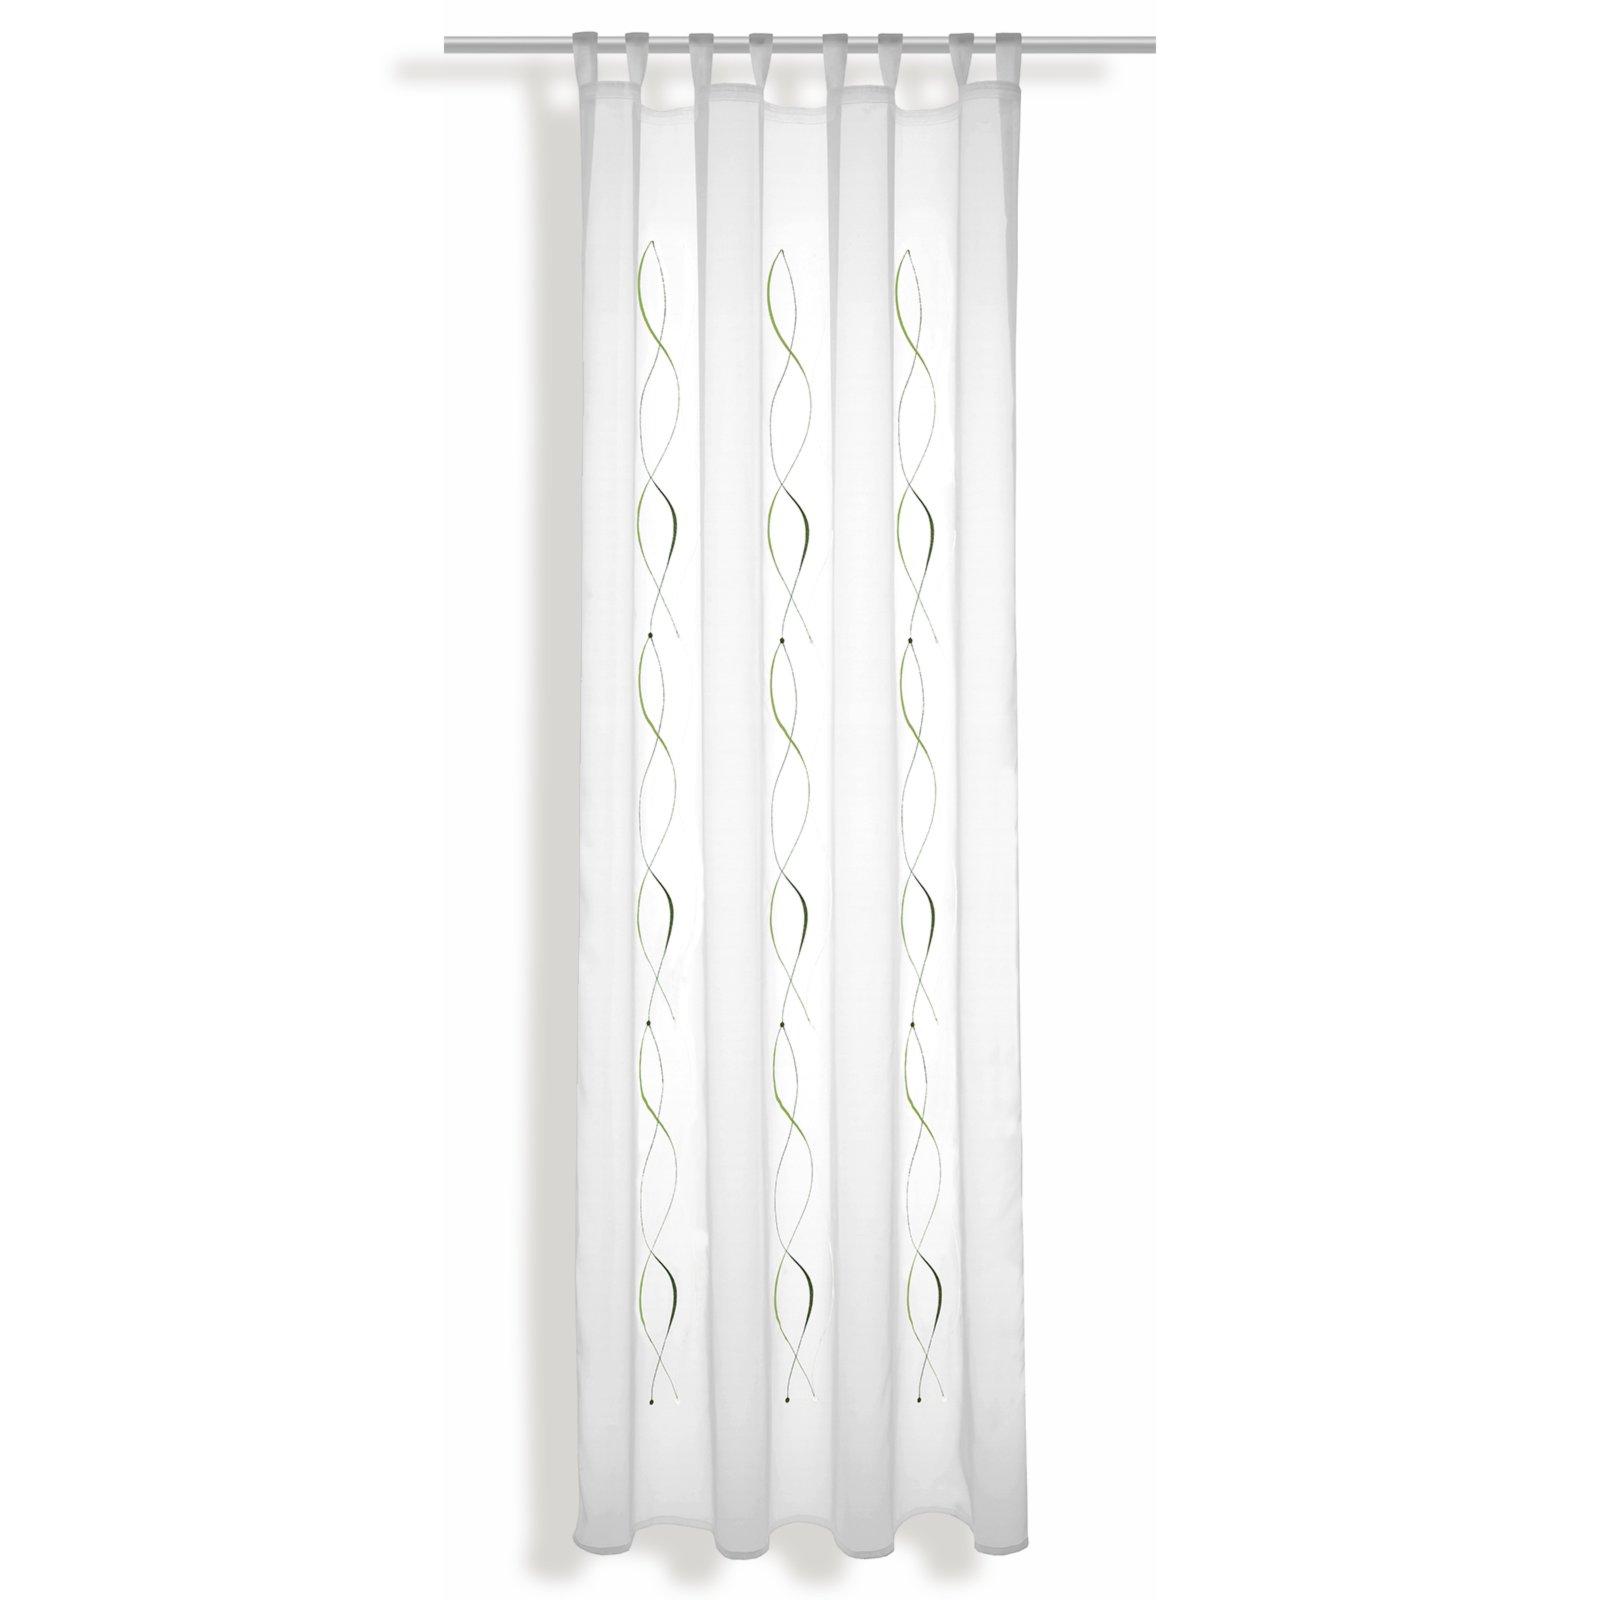 stick schlaufenschal wei gr n 140x245 cm transparente gardinen gardinen vorh nge. Black Bedroom Furniture Sets. Home Design Ideas